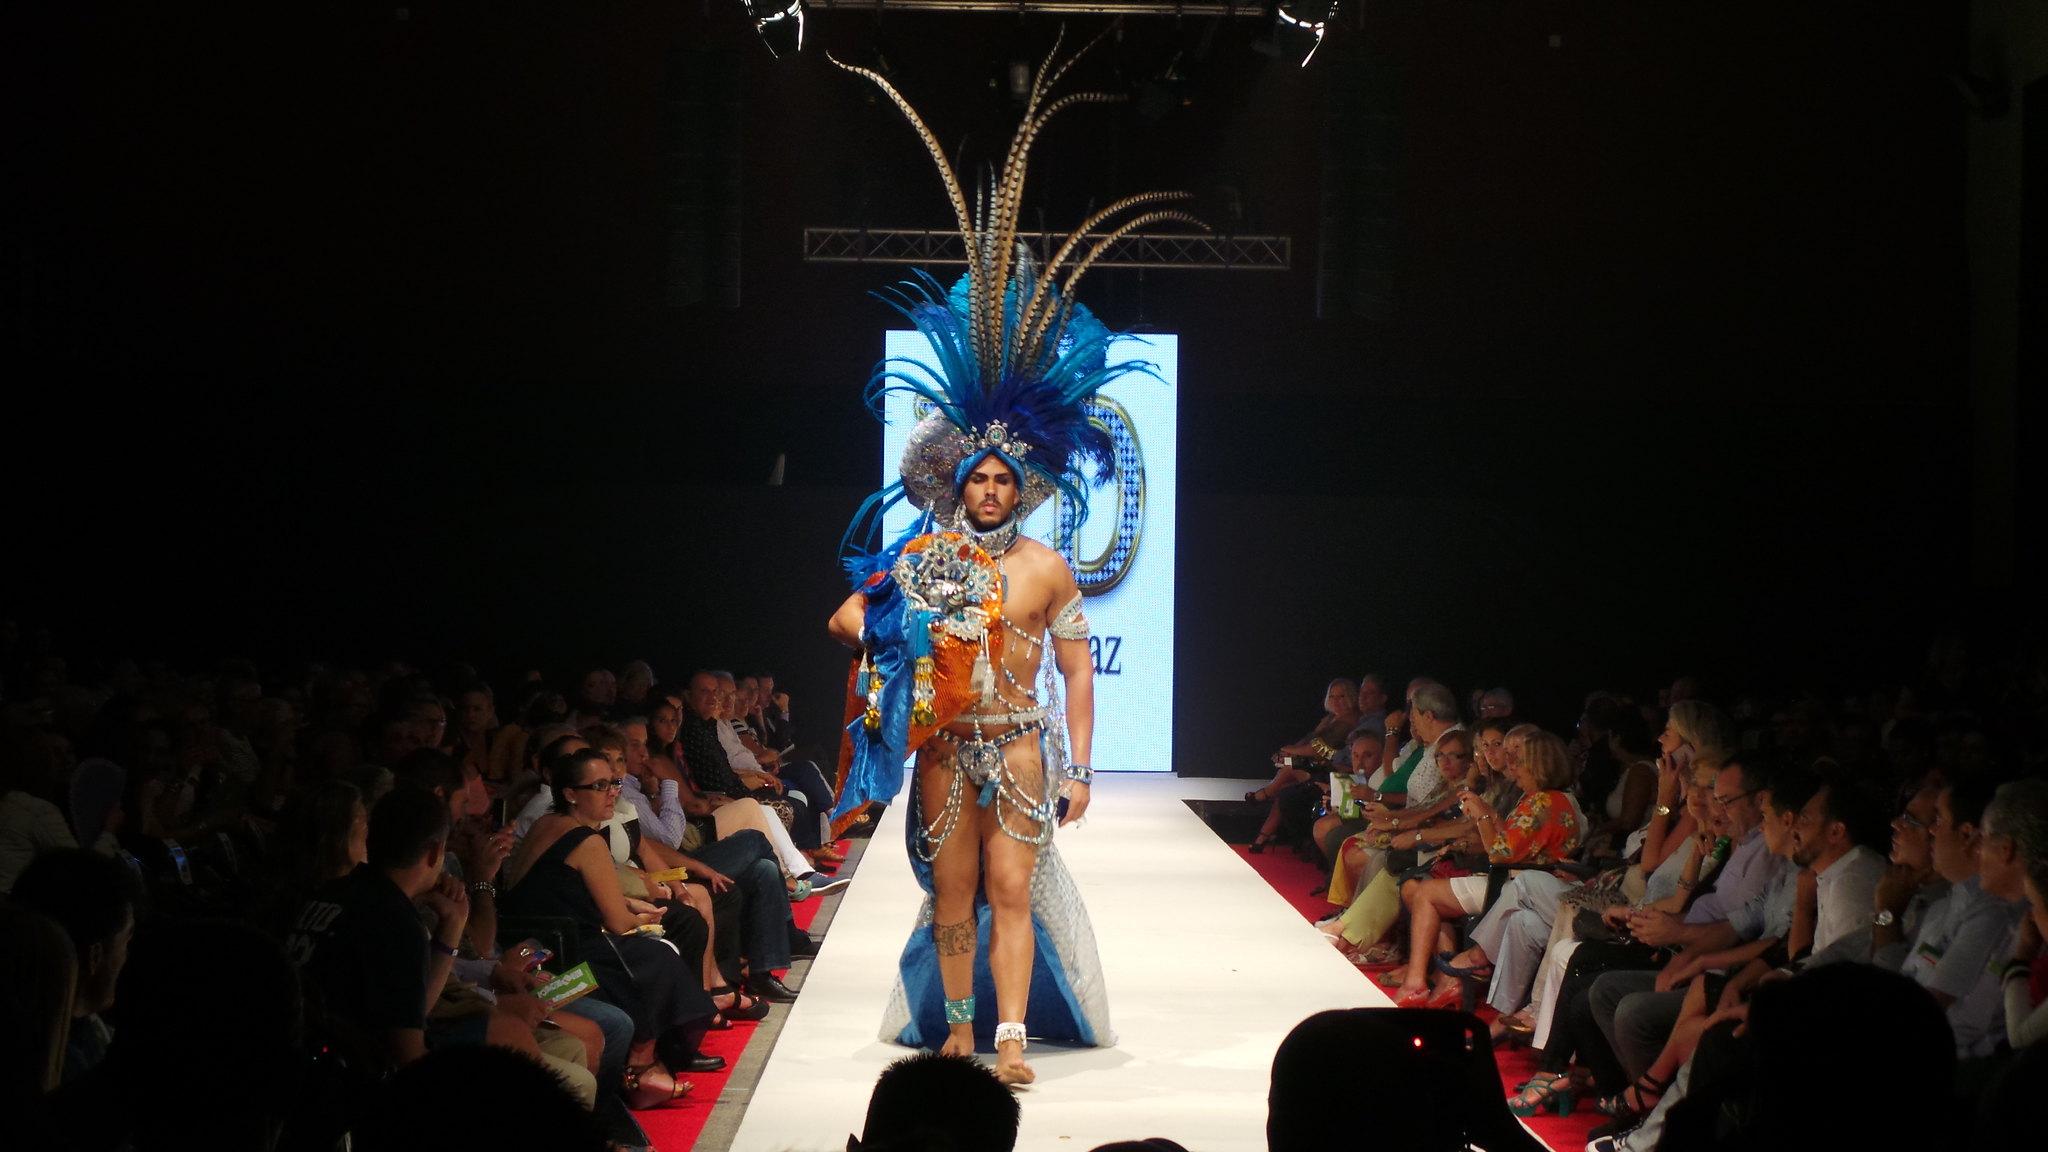 Carnaval de Canarias - Drag Queen